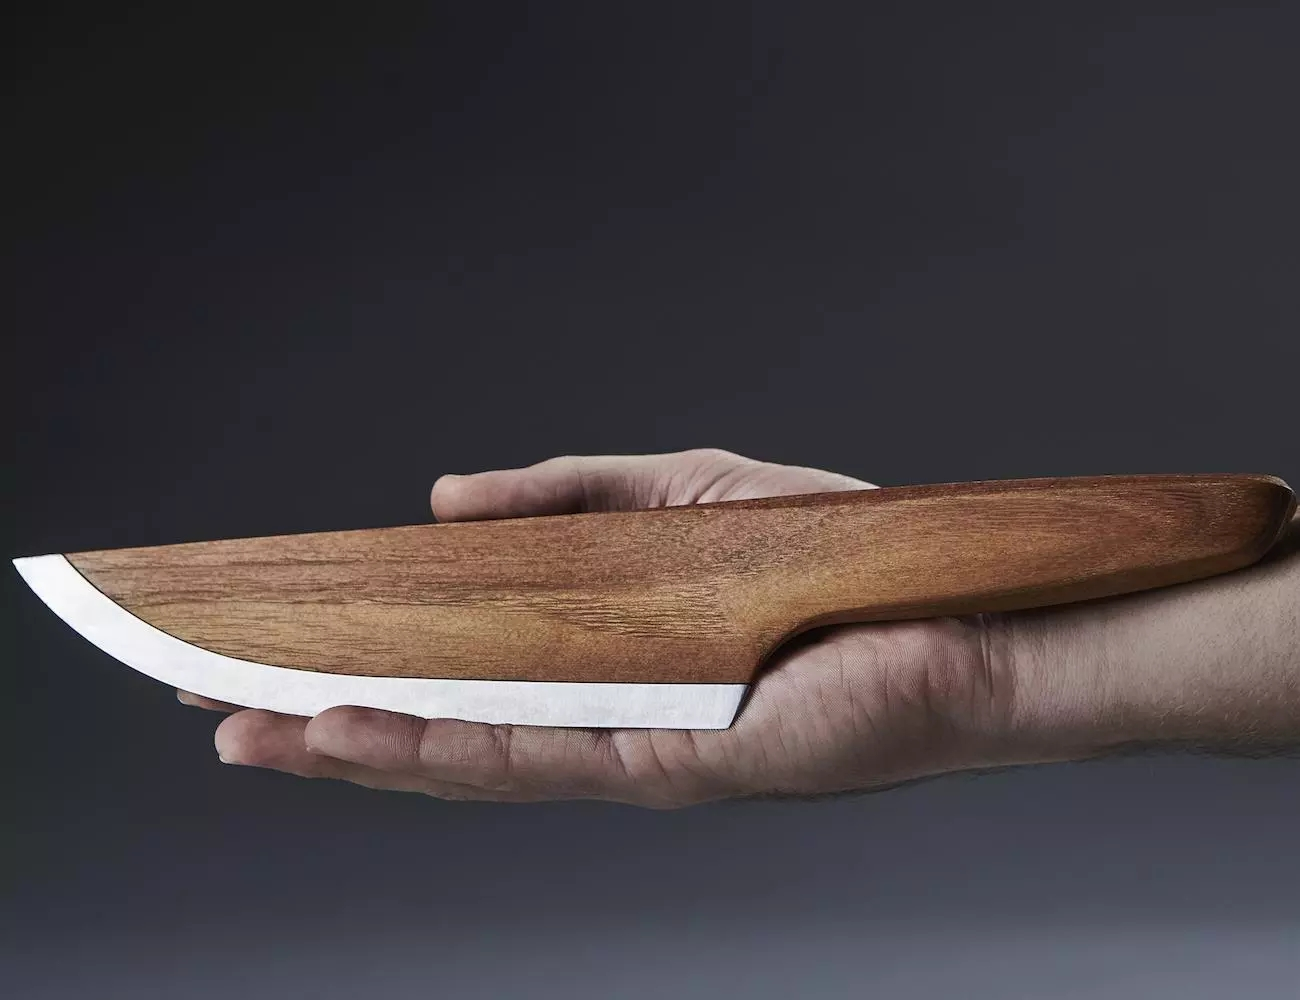 外貌超越功能的厨师刀插图11